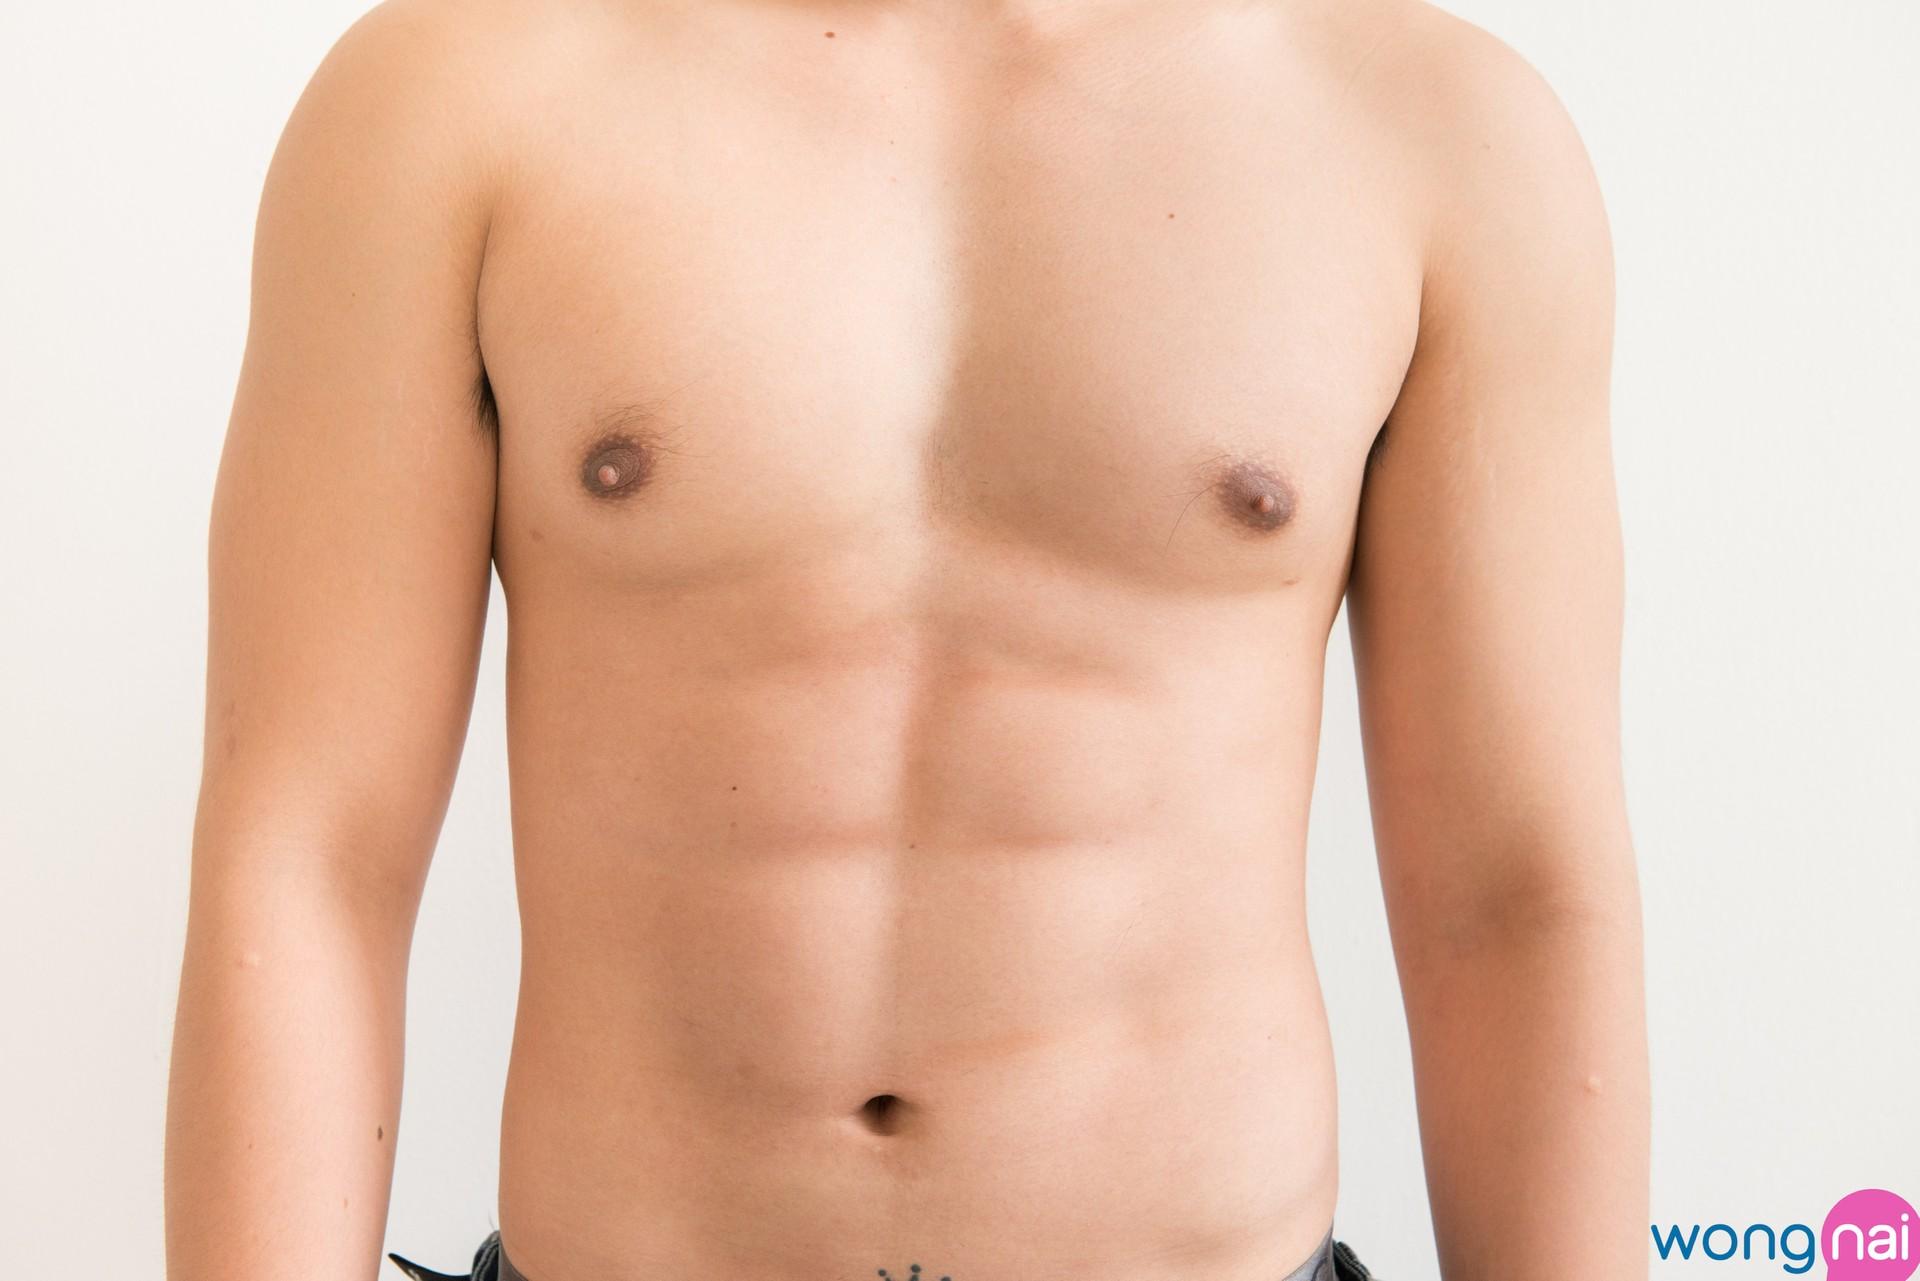 ดูดไขมัน! เปลี่ยนพุงพลุ้ยเป็นซิกแพค ที่ณรวีคลินิก (อุดมสุข30)